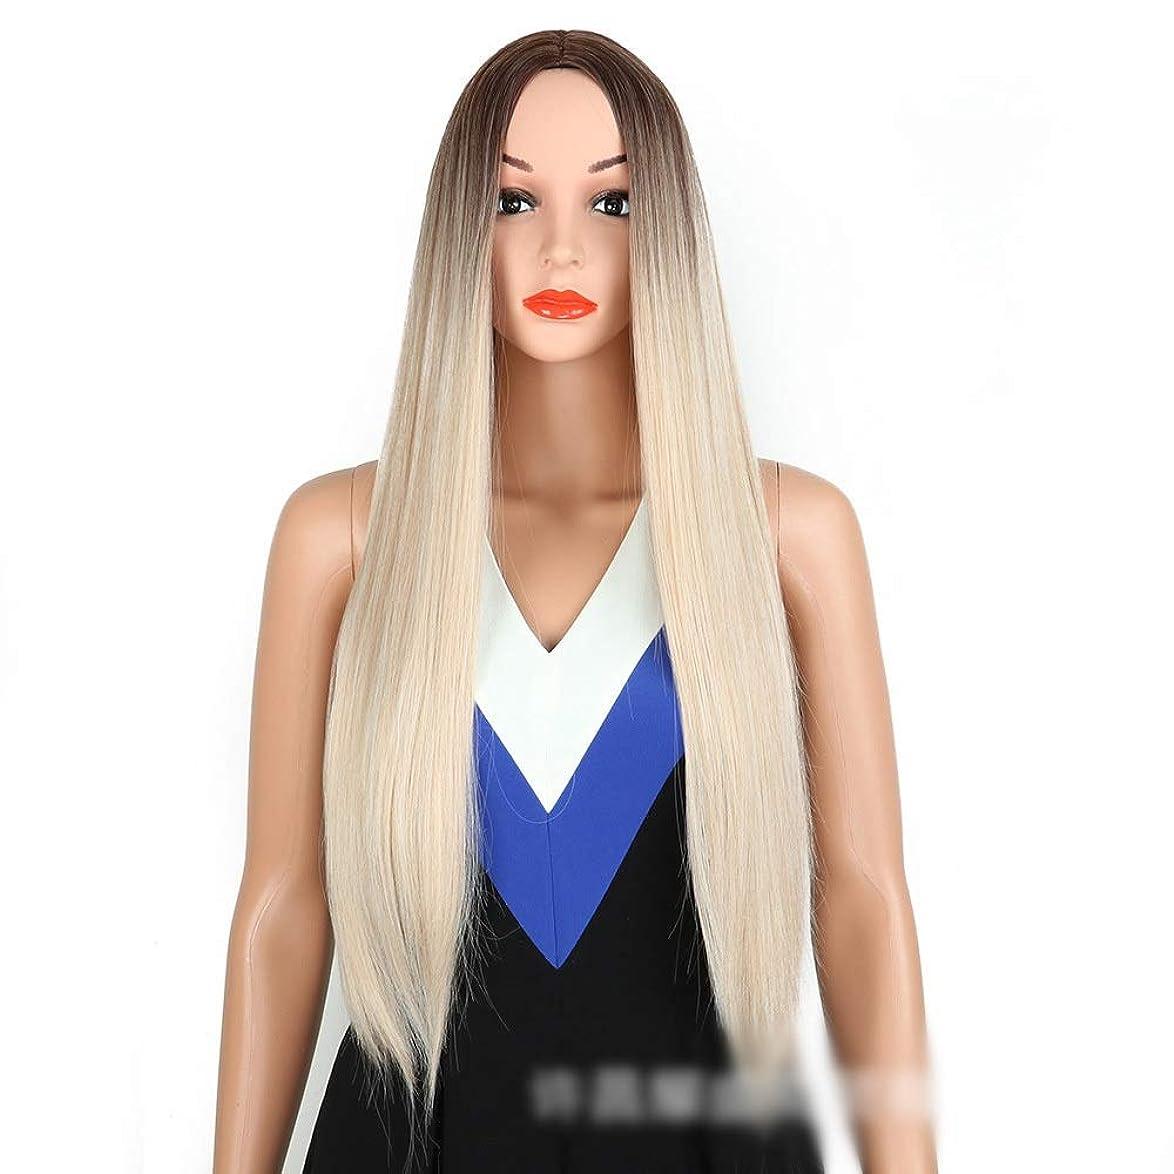 寝具次マティスかつら 女性のための長いストレートヘッドを探している女性の金髪ストレートウィッグ耐熱ナチュラルファッションパーティードレスウィッグ (色 : Blonde)